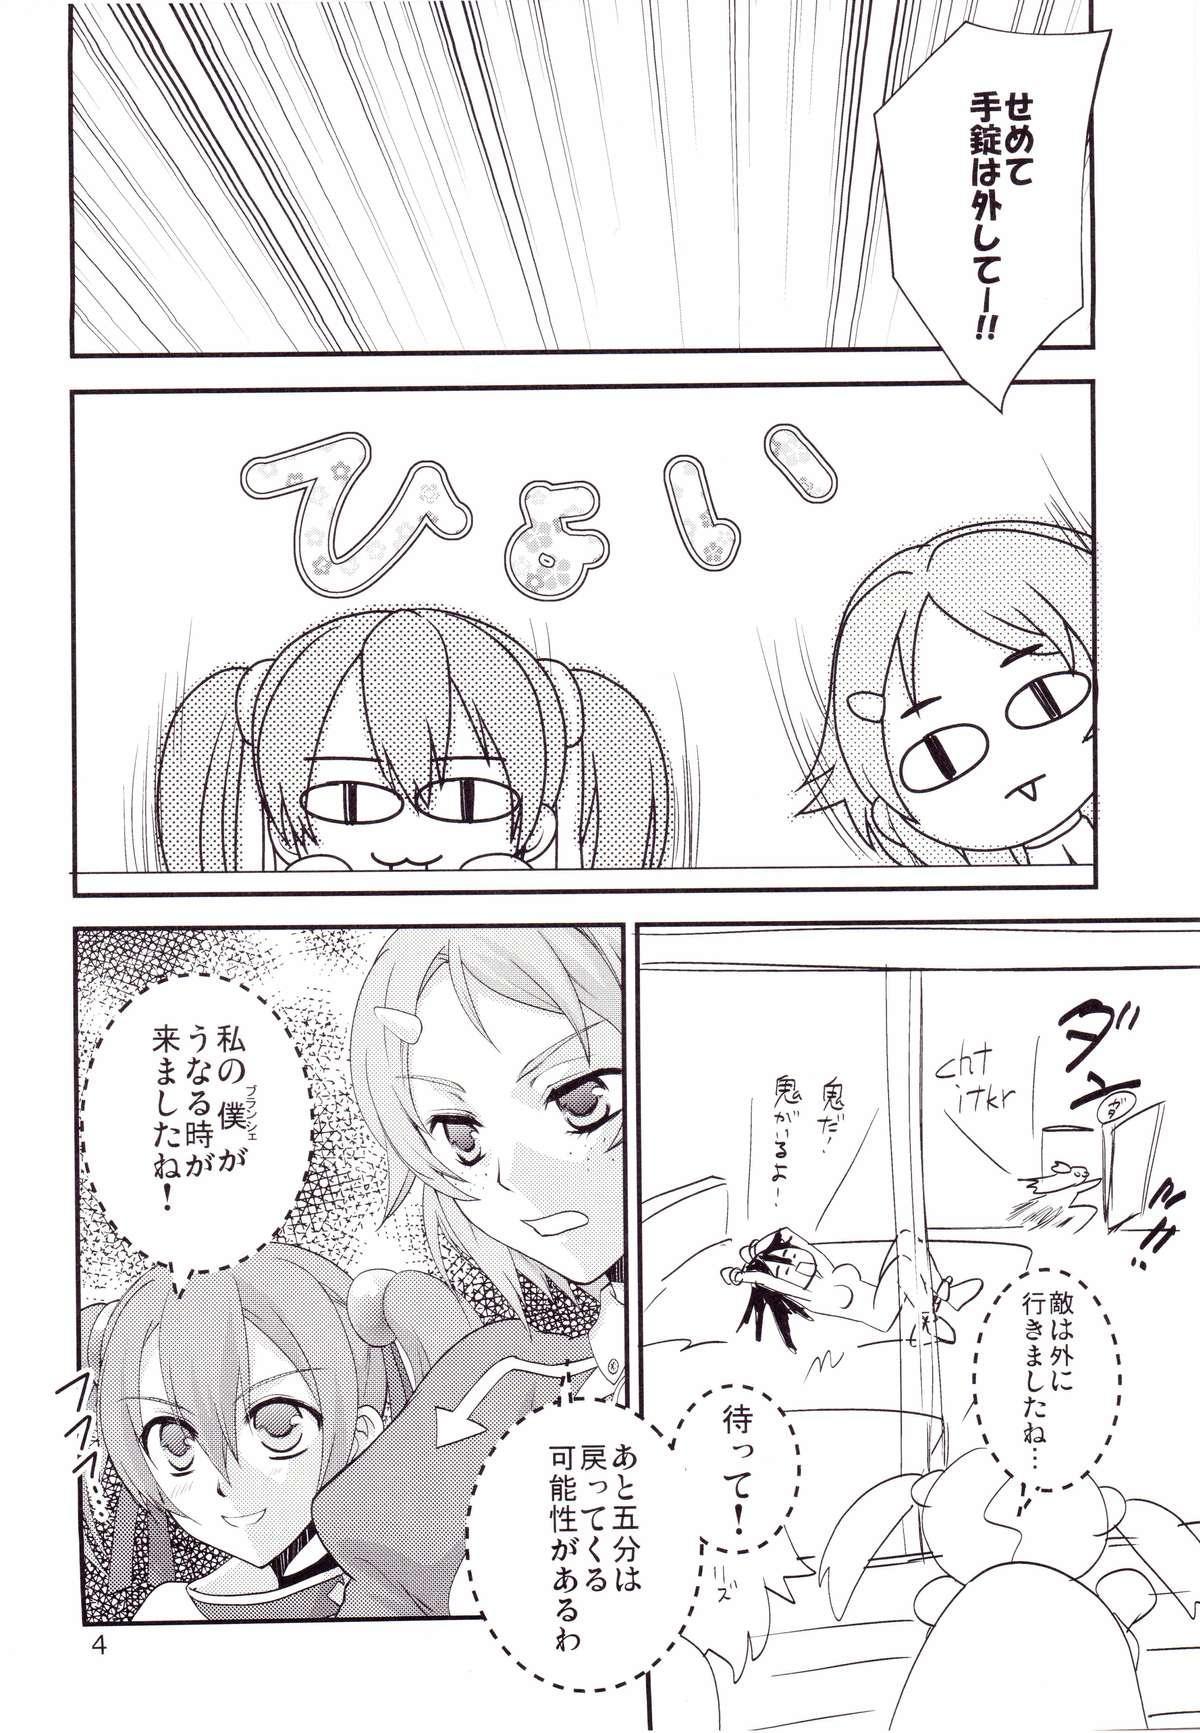 Kirito-kun no shiroku betatsuku nani ka 2 2